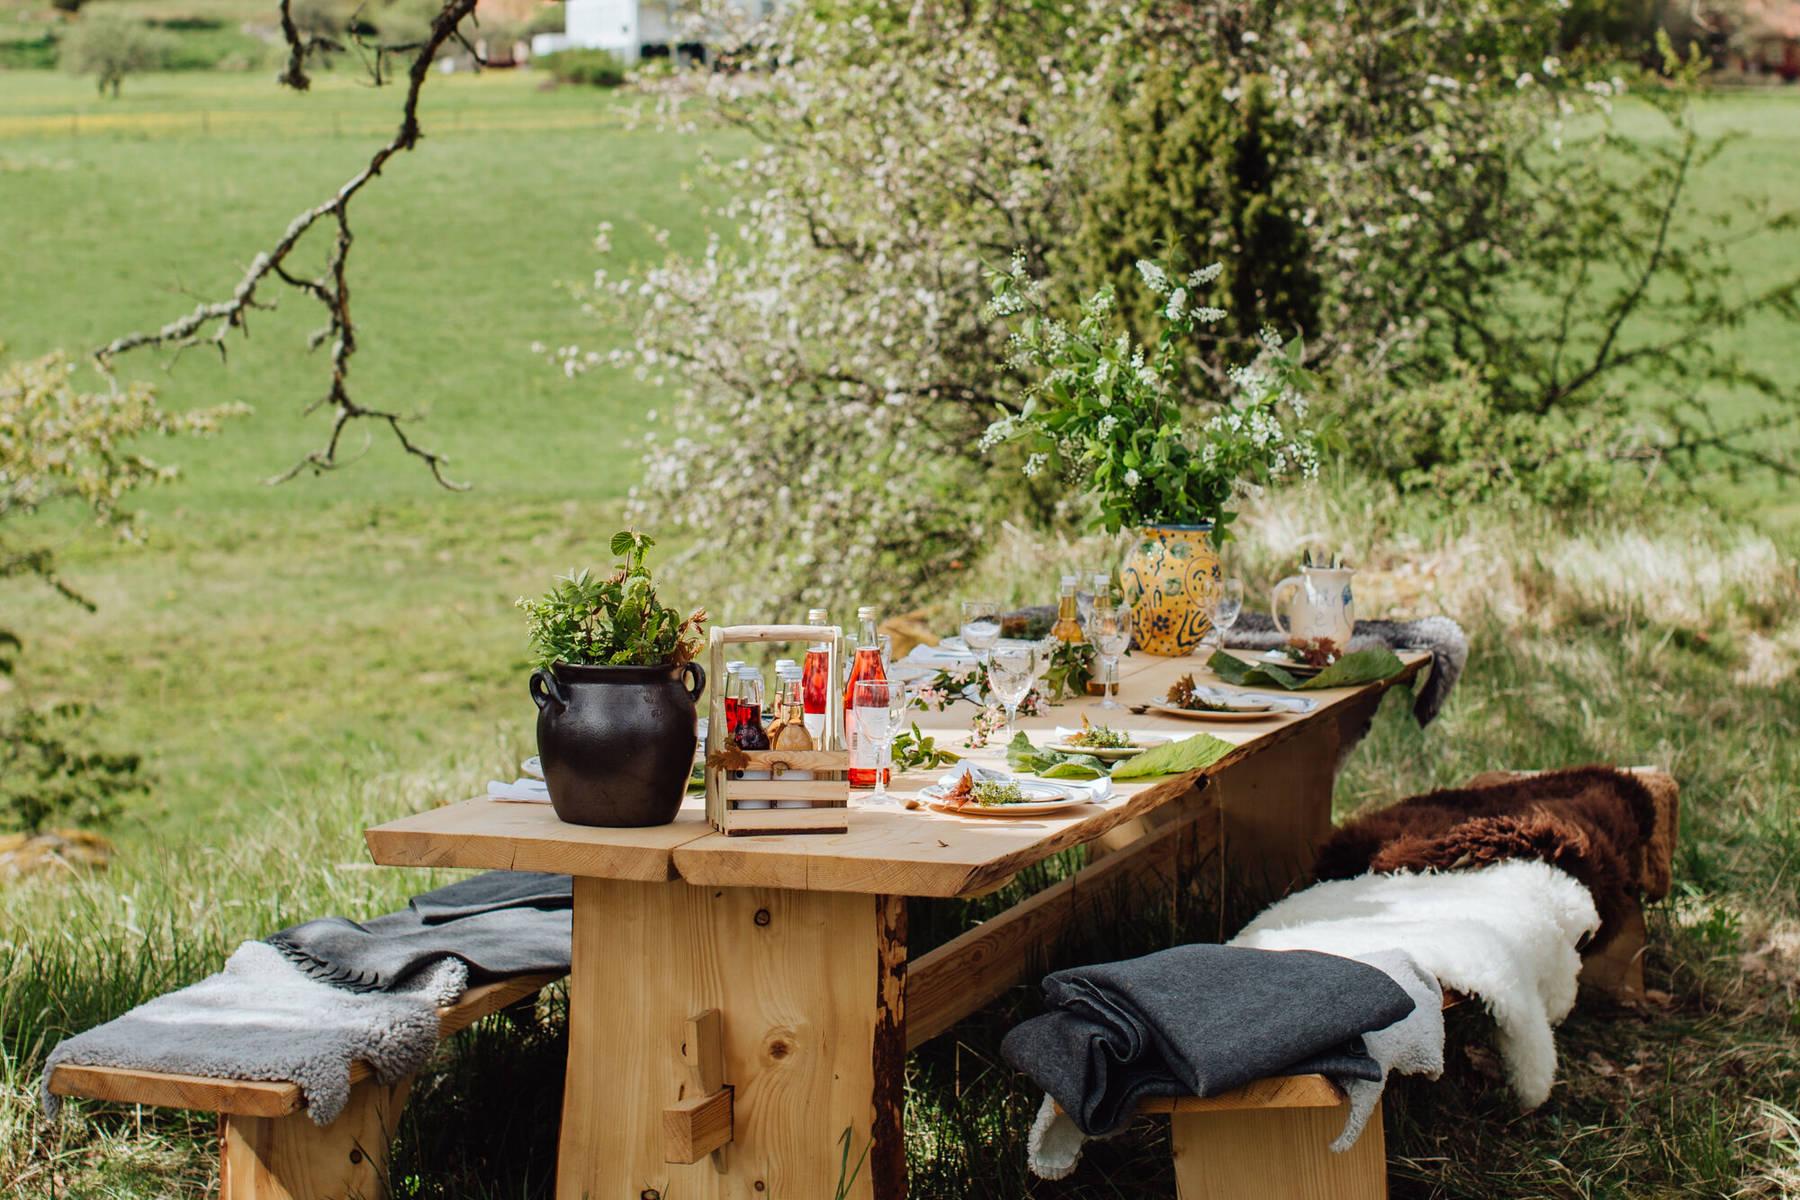 Ein Land wird Restaurant: Outdoor-Tisch bei Wallby Säteri